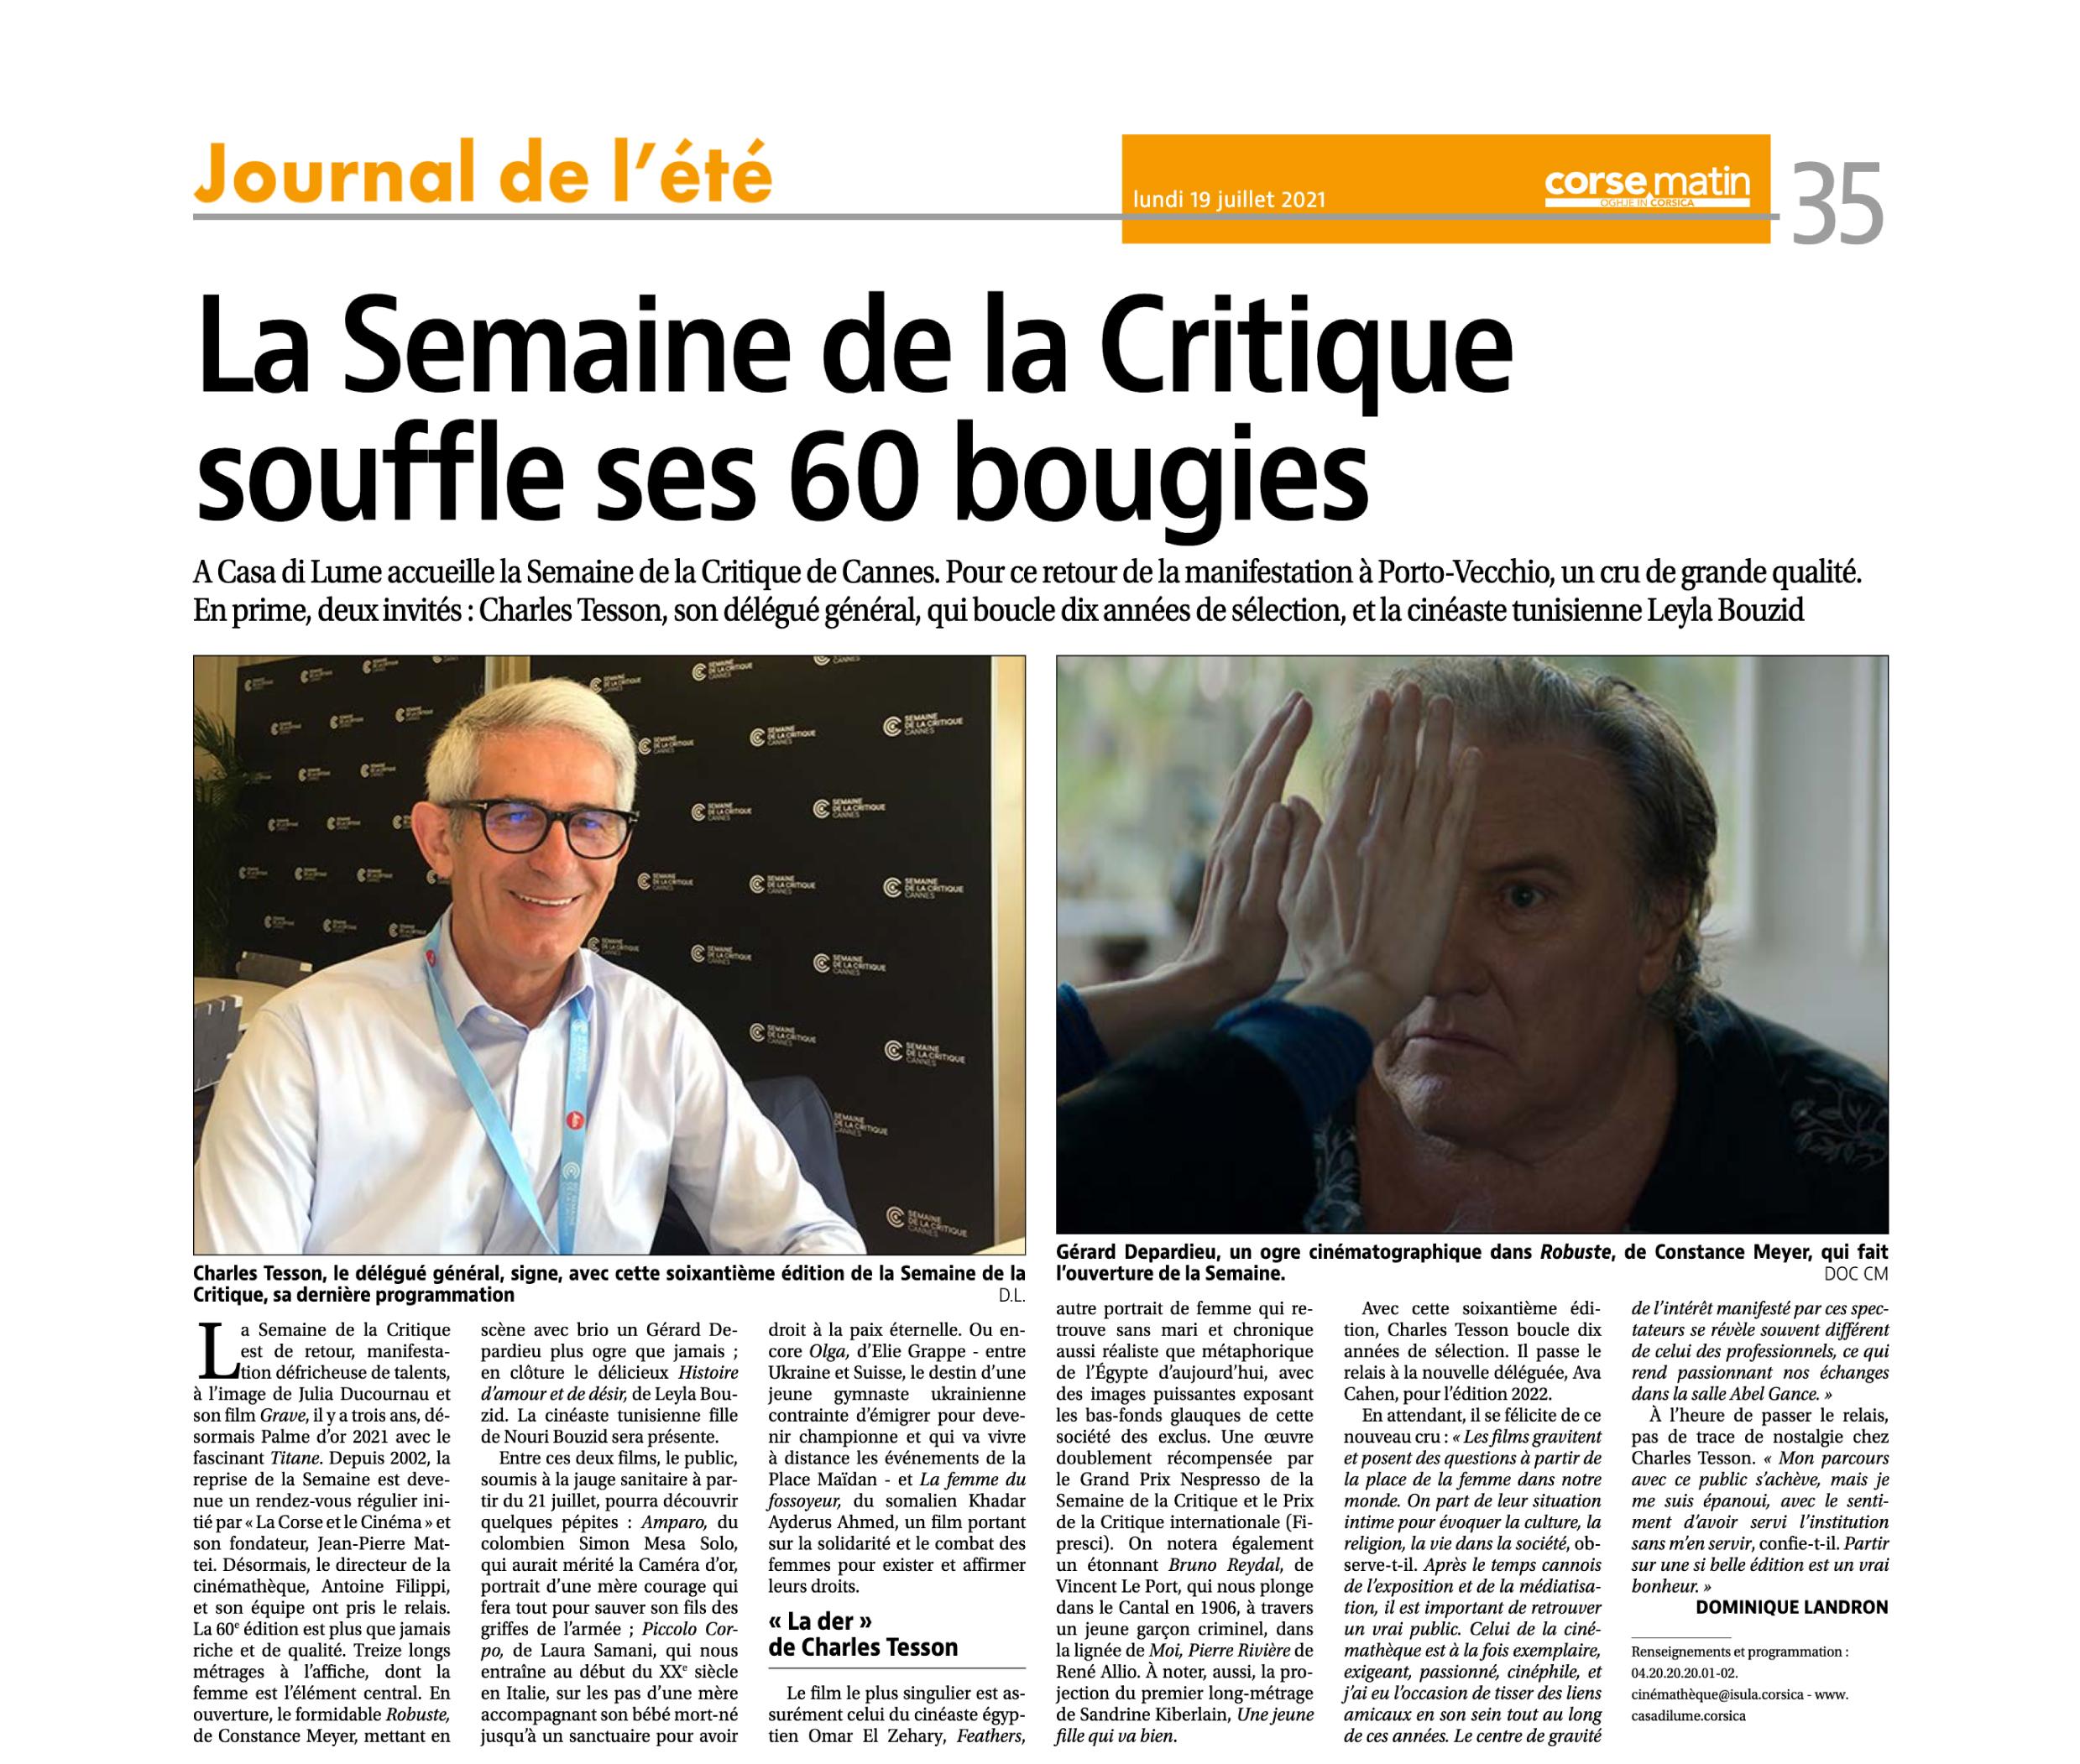 La Semaine de la Critique souffle ses 60 bougies